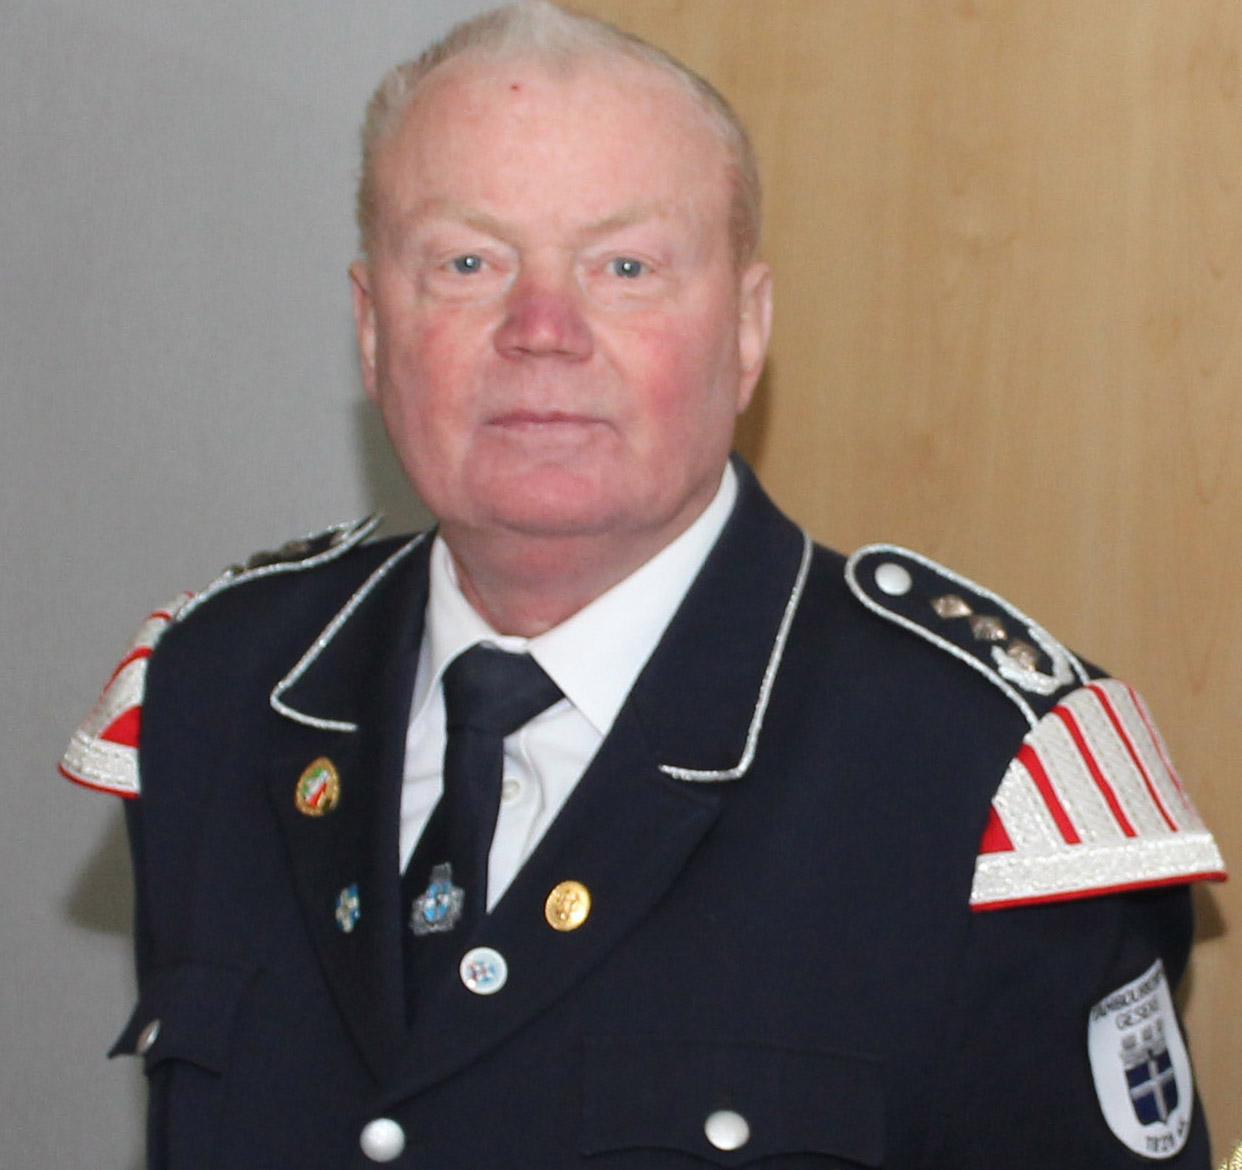 Josef Weller